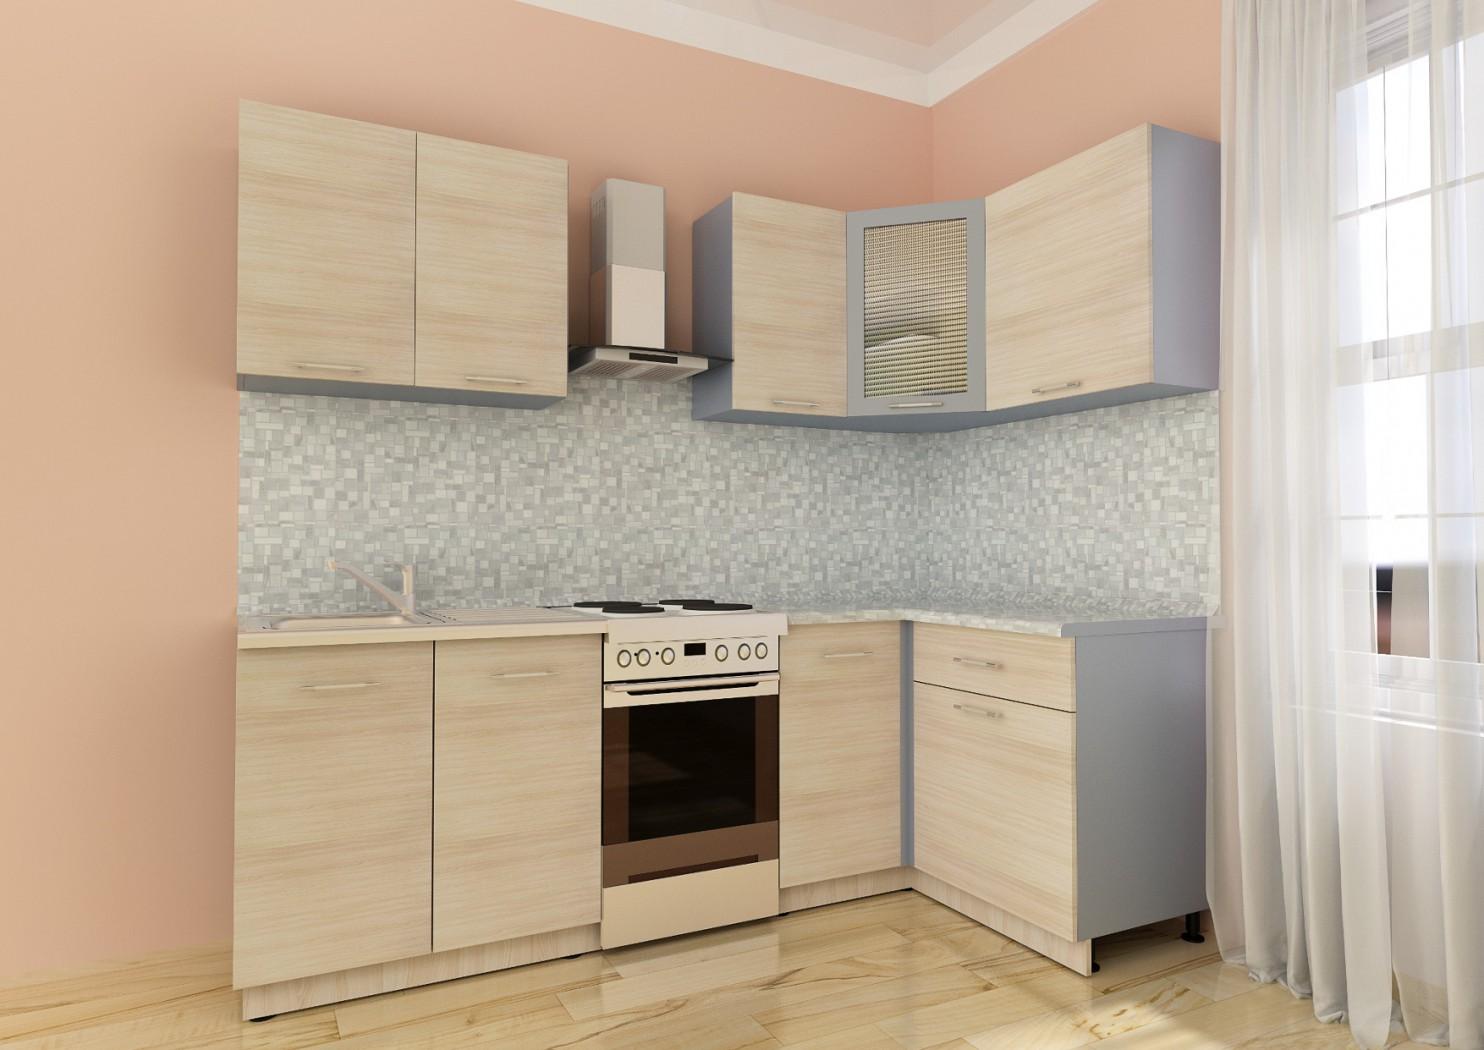 Небольшой угловой кухонный гарнитур из ясеня